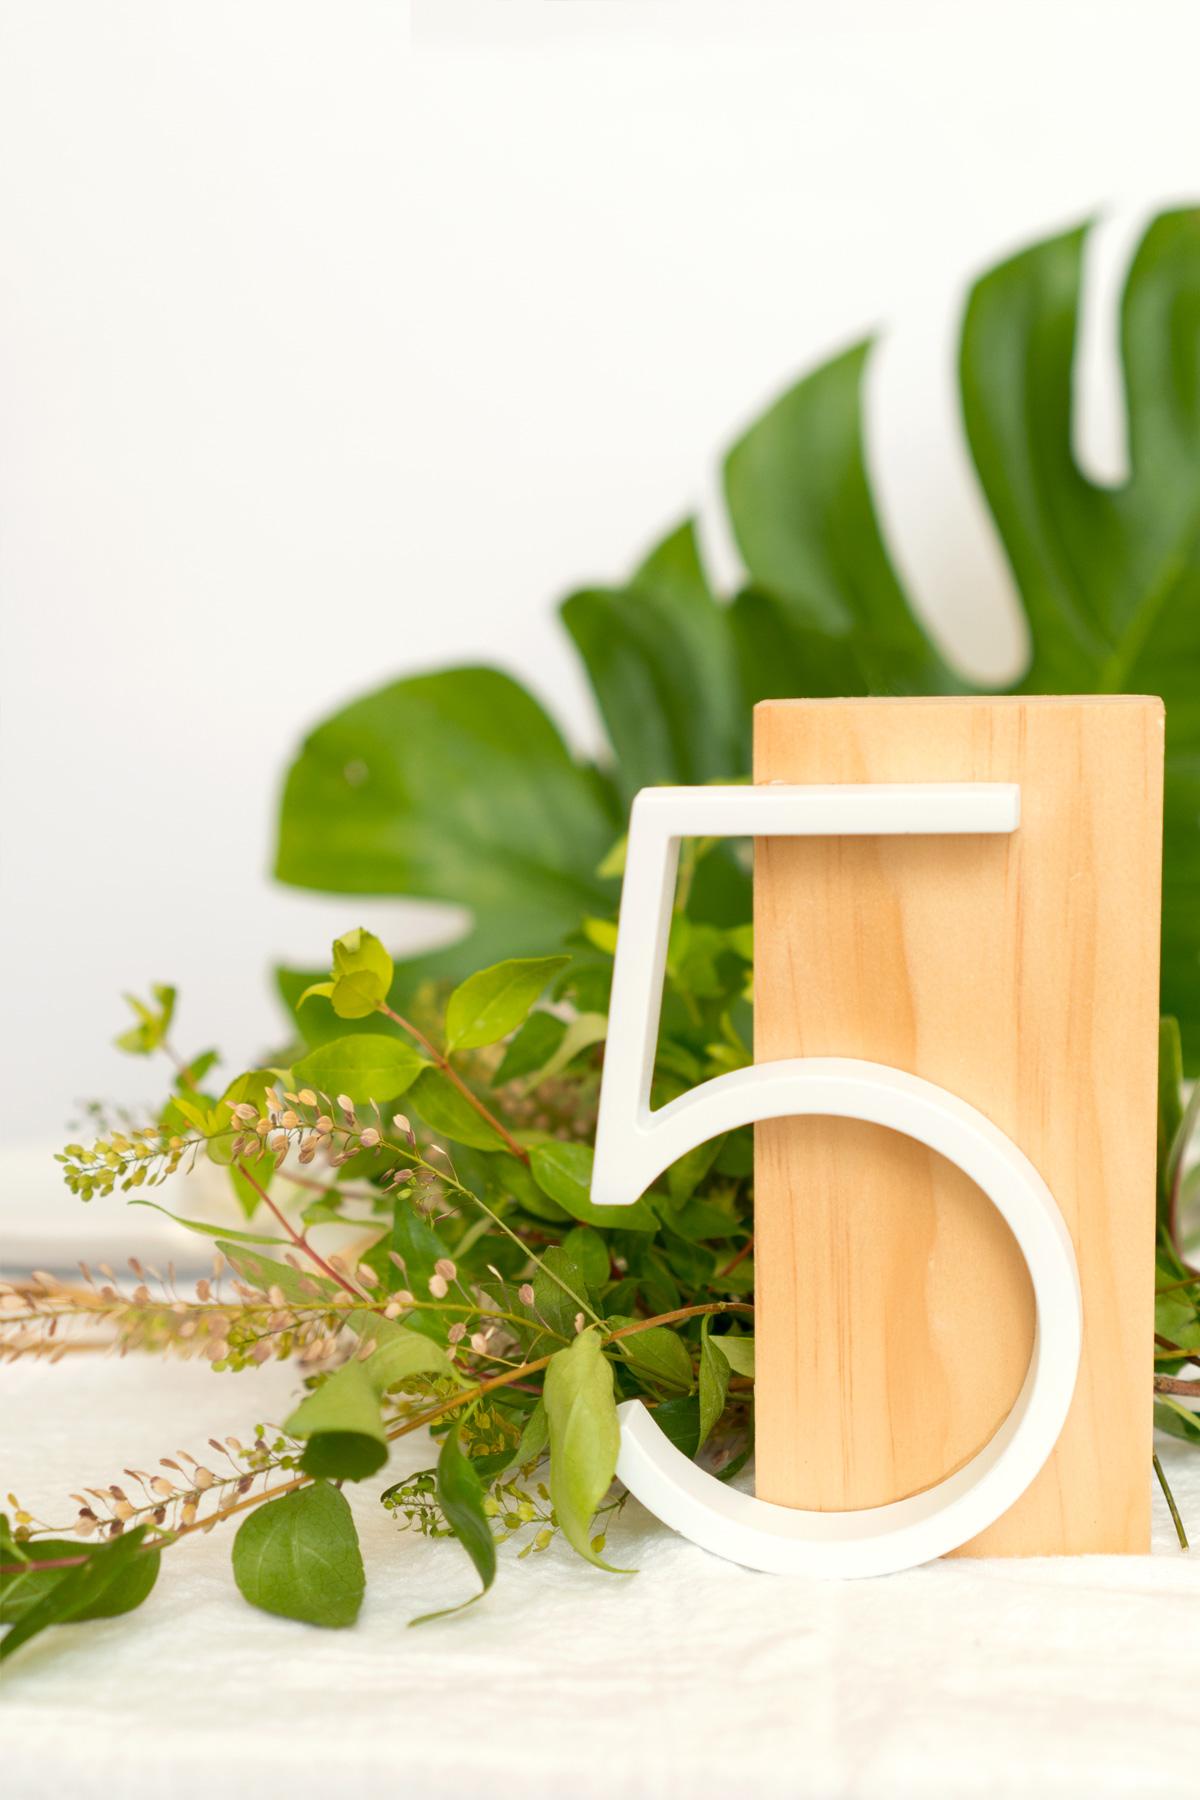 DIY Modern Table Numbers for Weddings | ctrl + curate